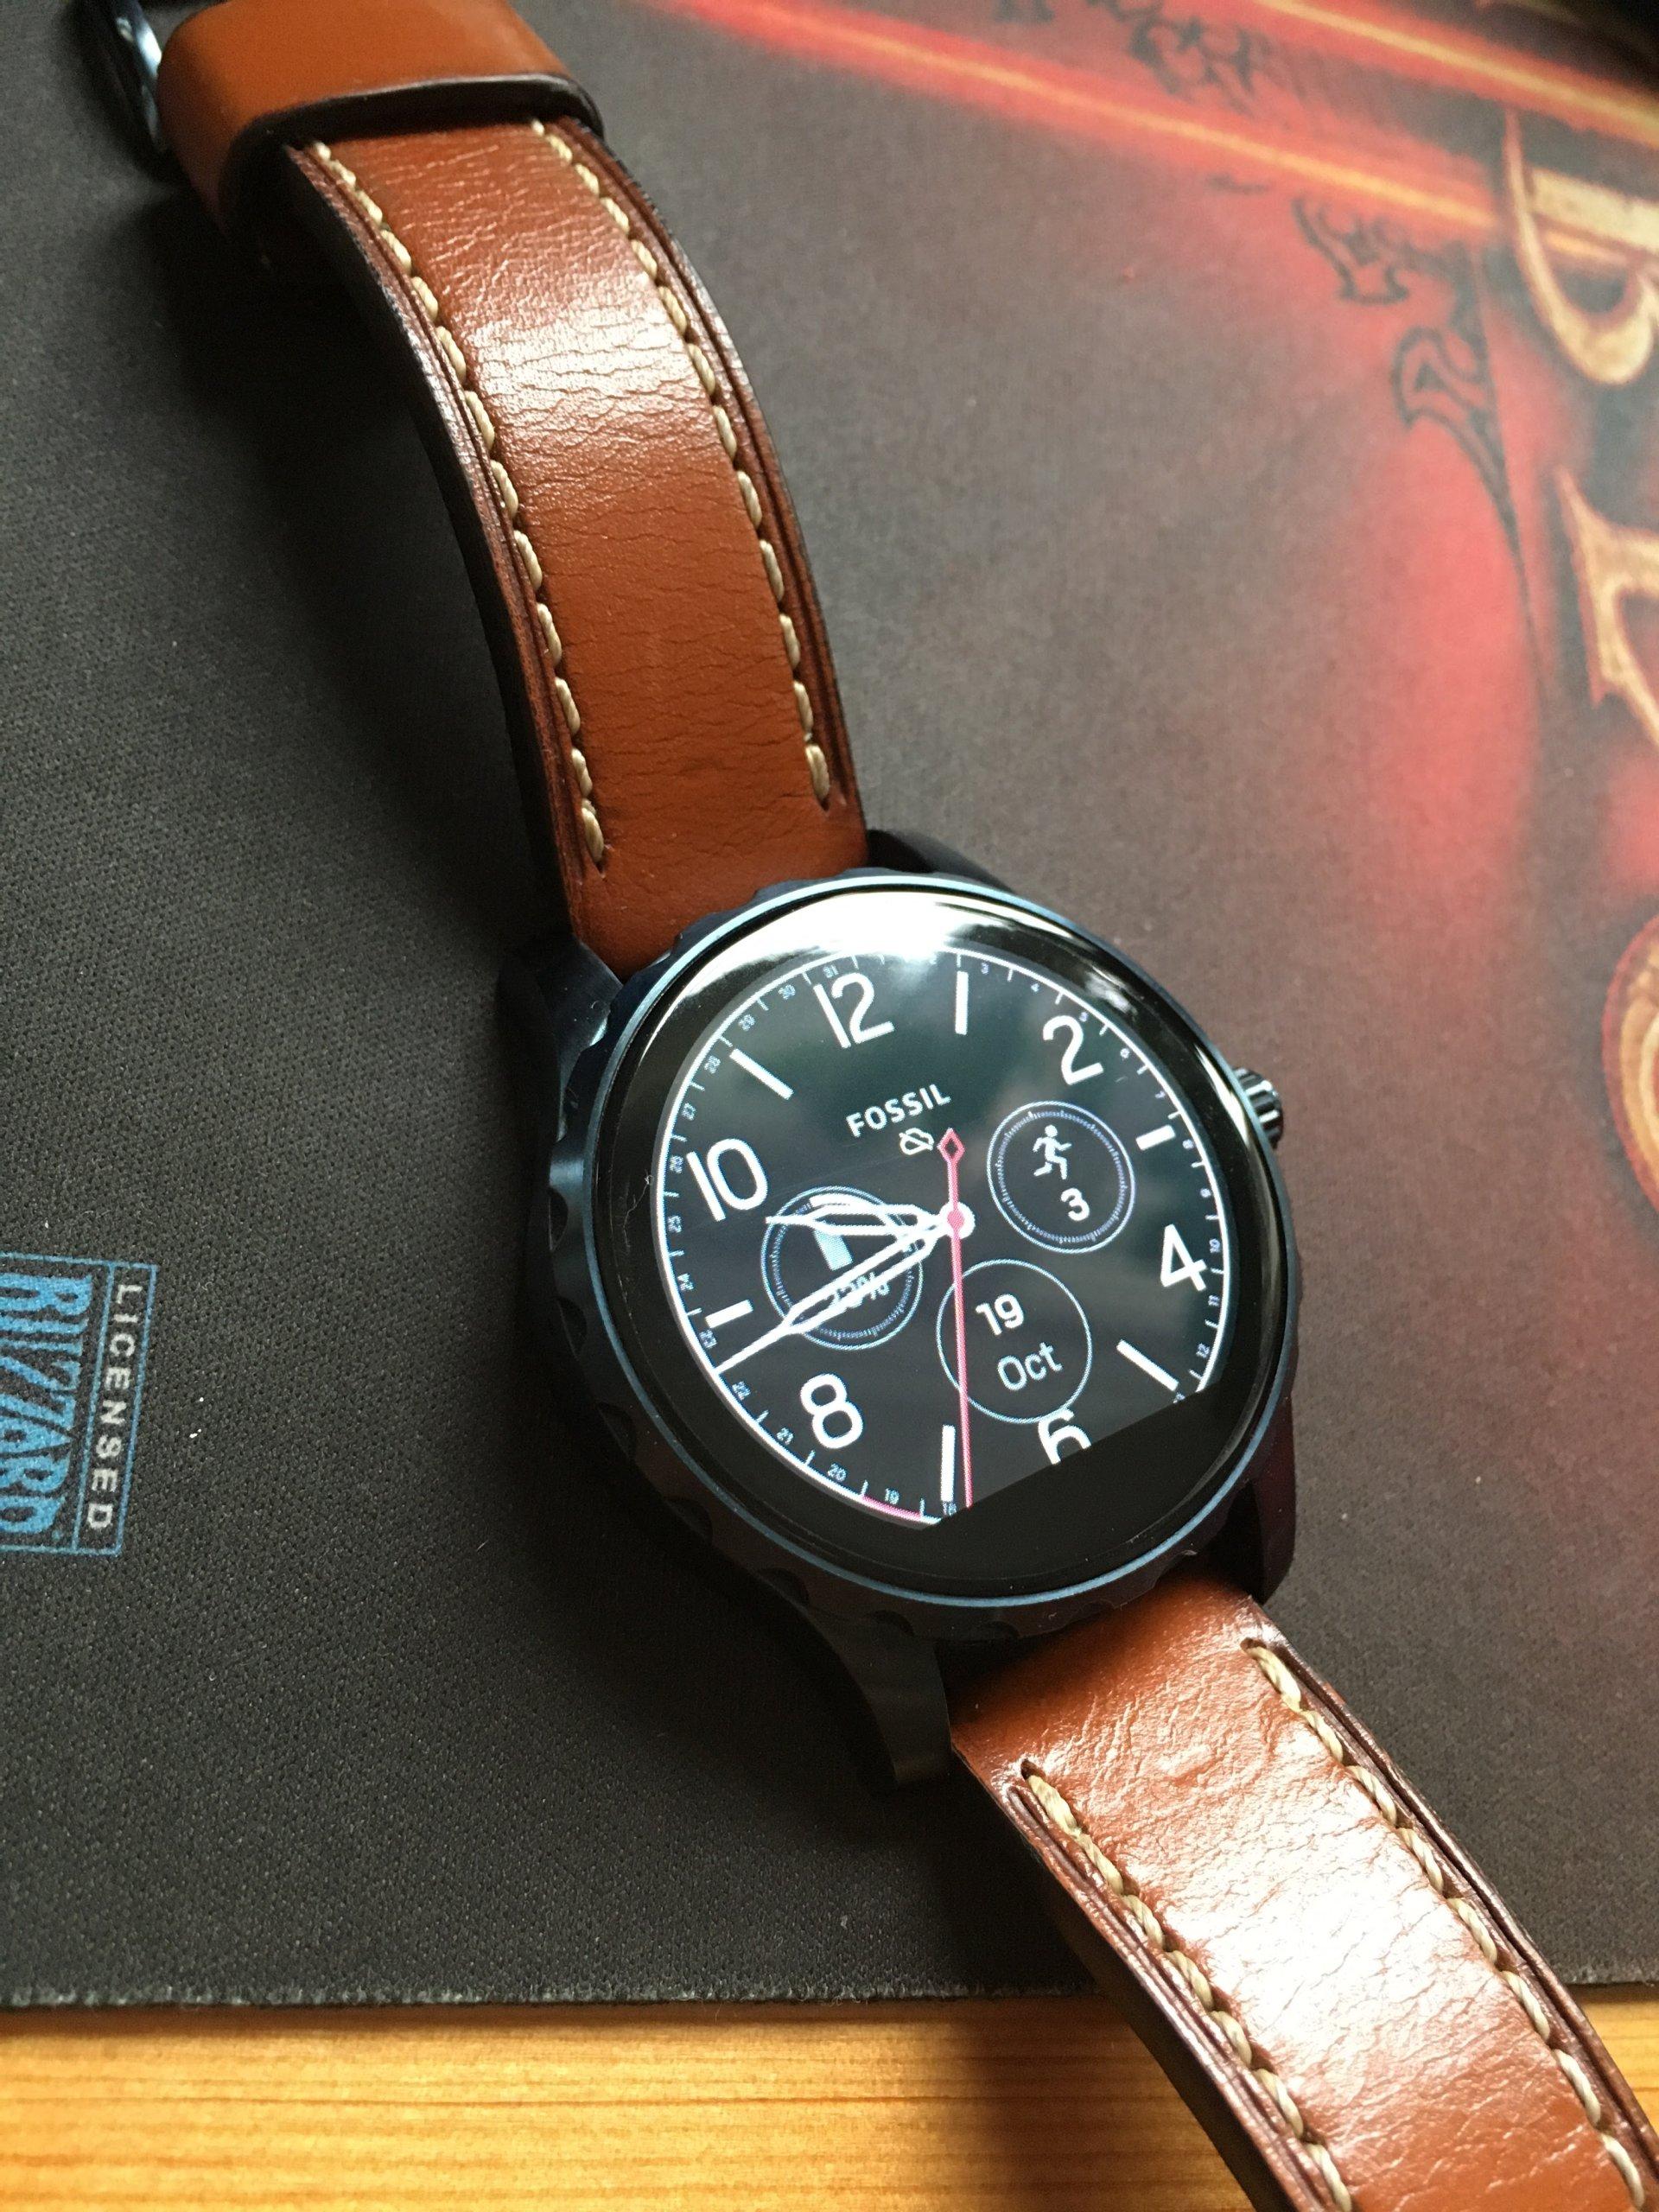 Fossil Q Marshal Gen 2 Smartwatch Skra Ftw2106p 7007712697